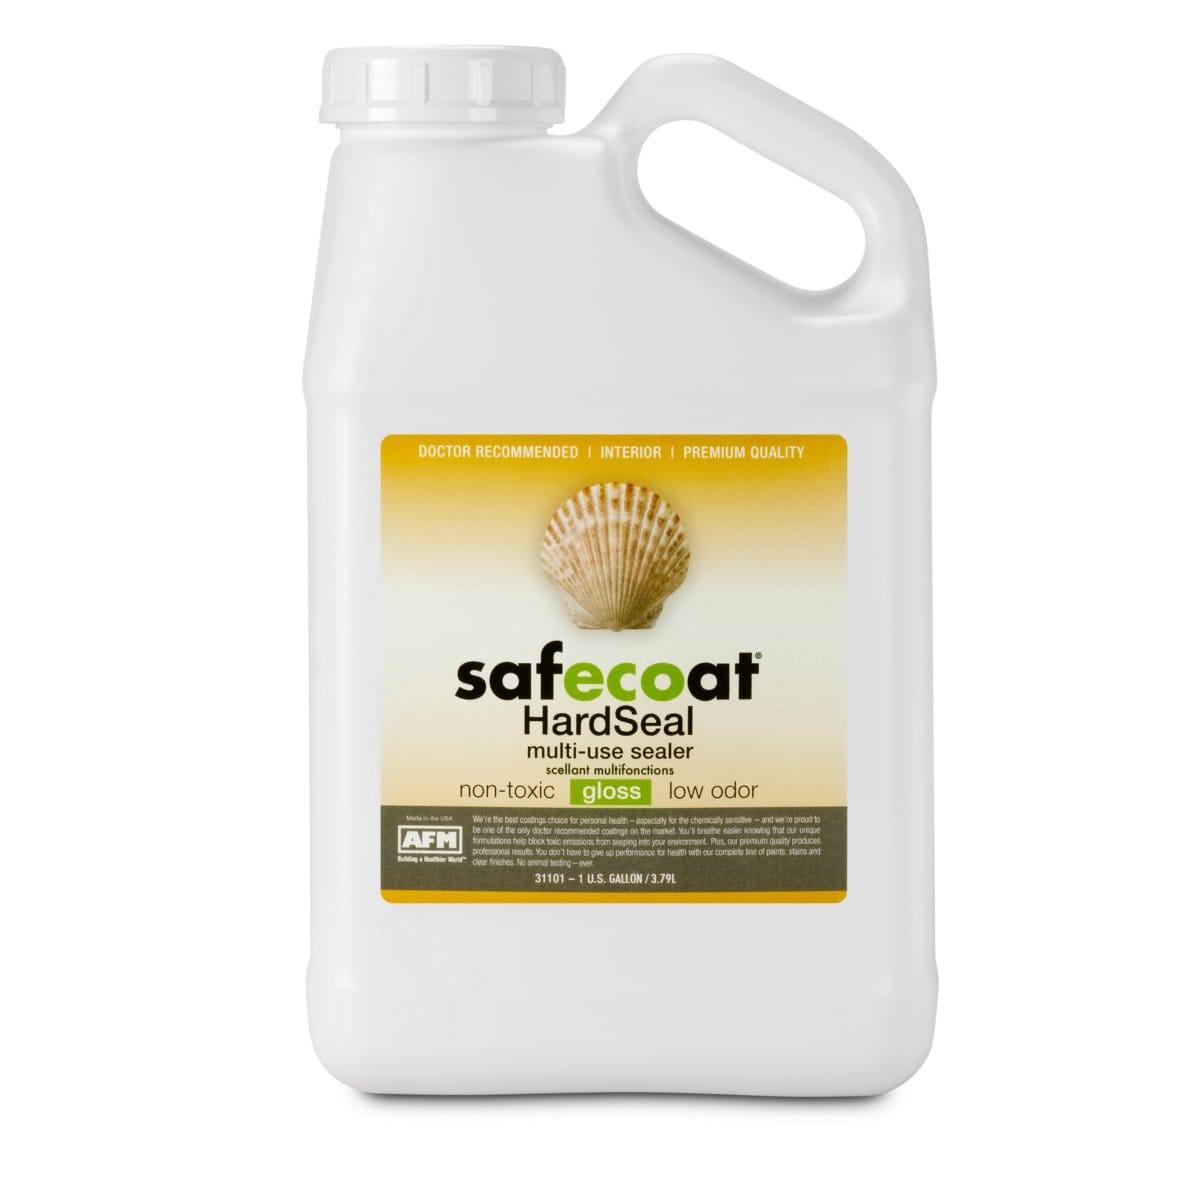 Afm Safecoat Hard Seal